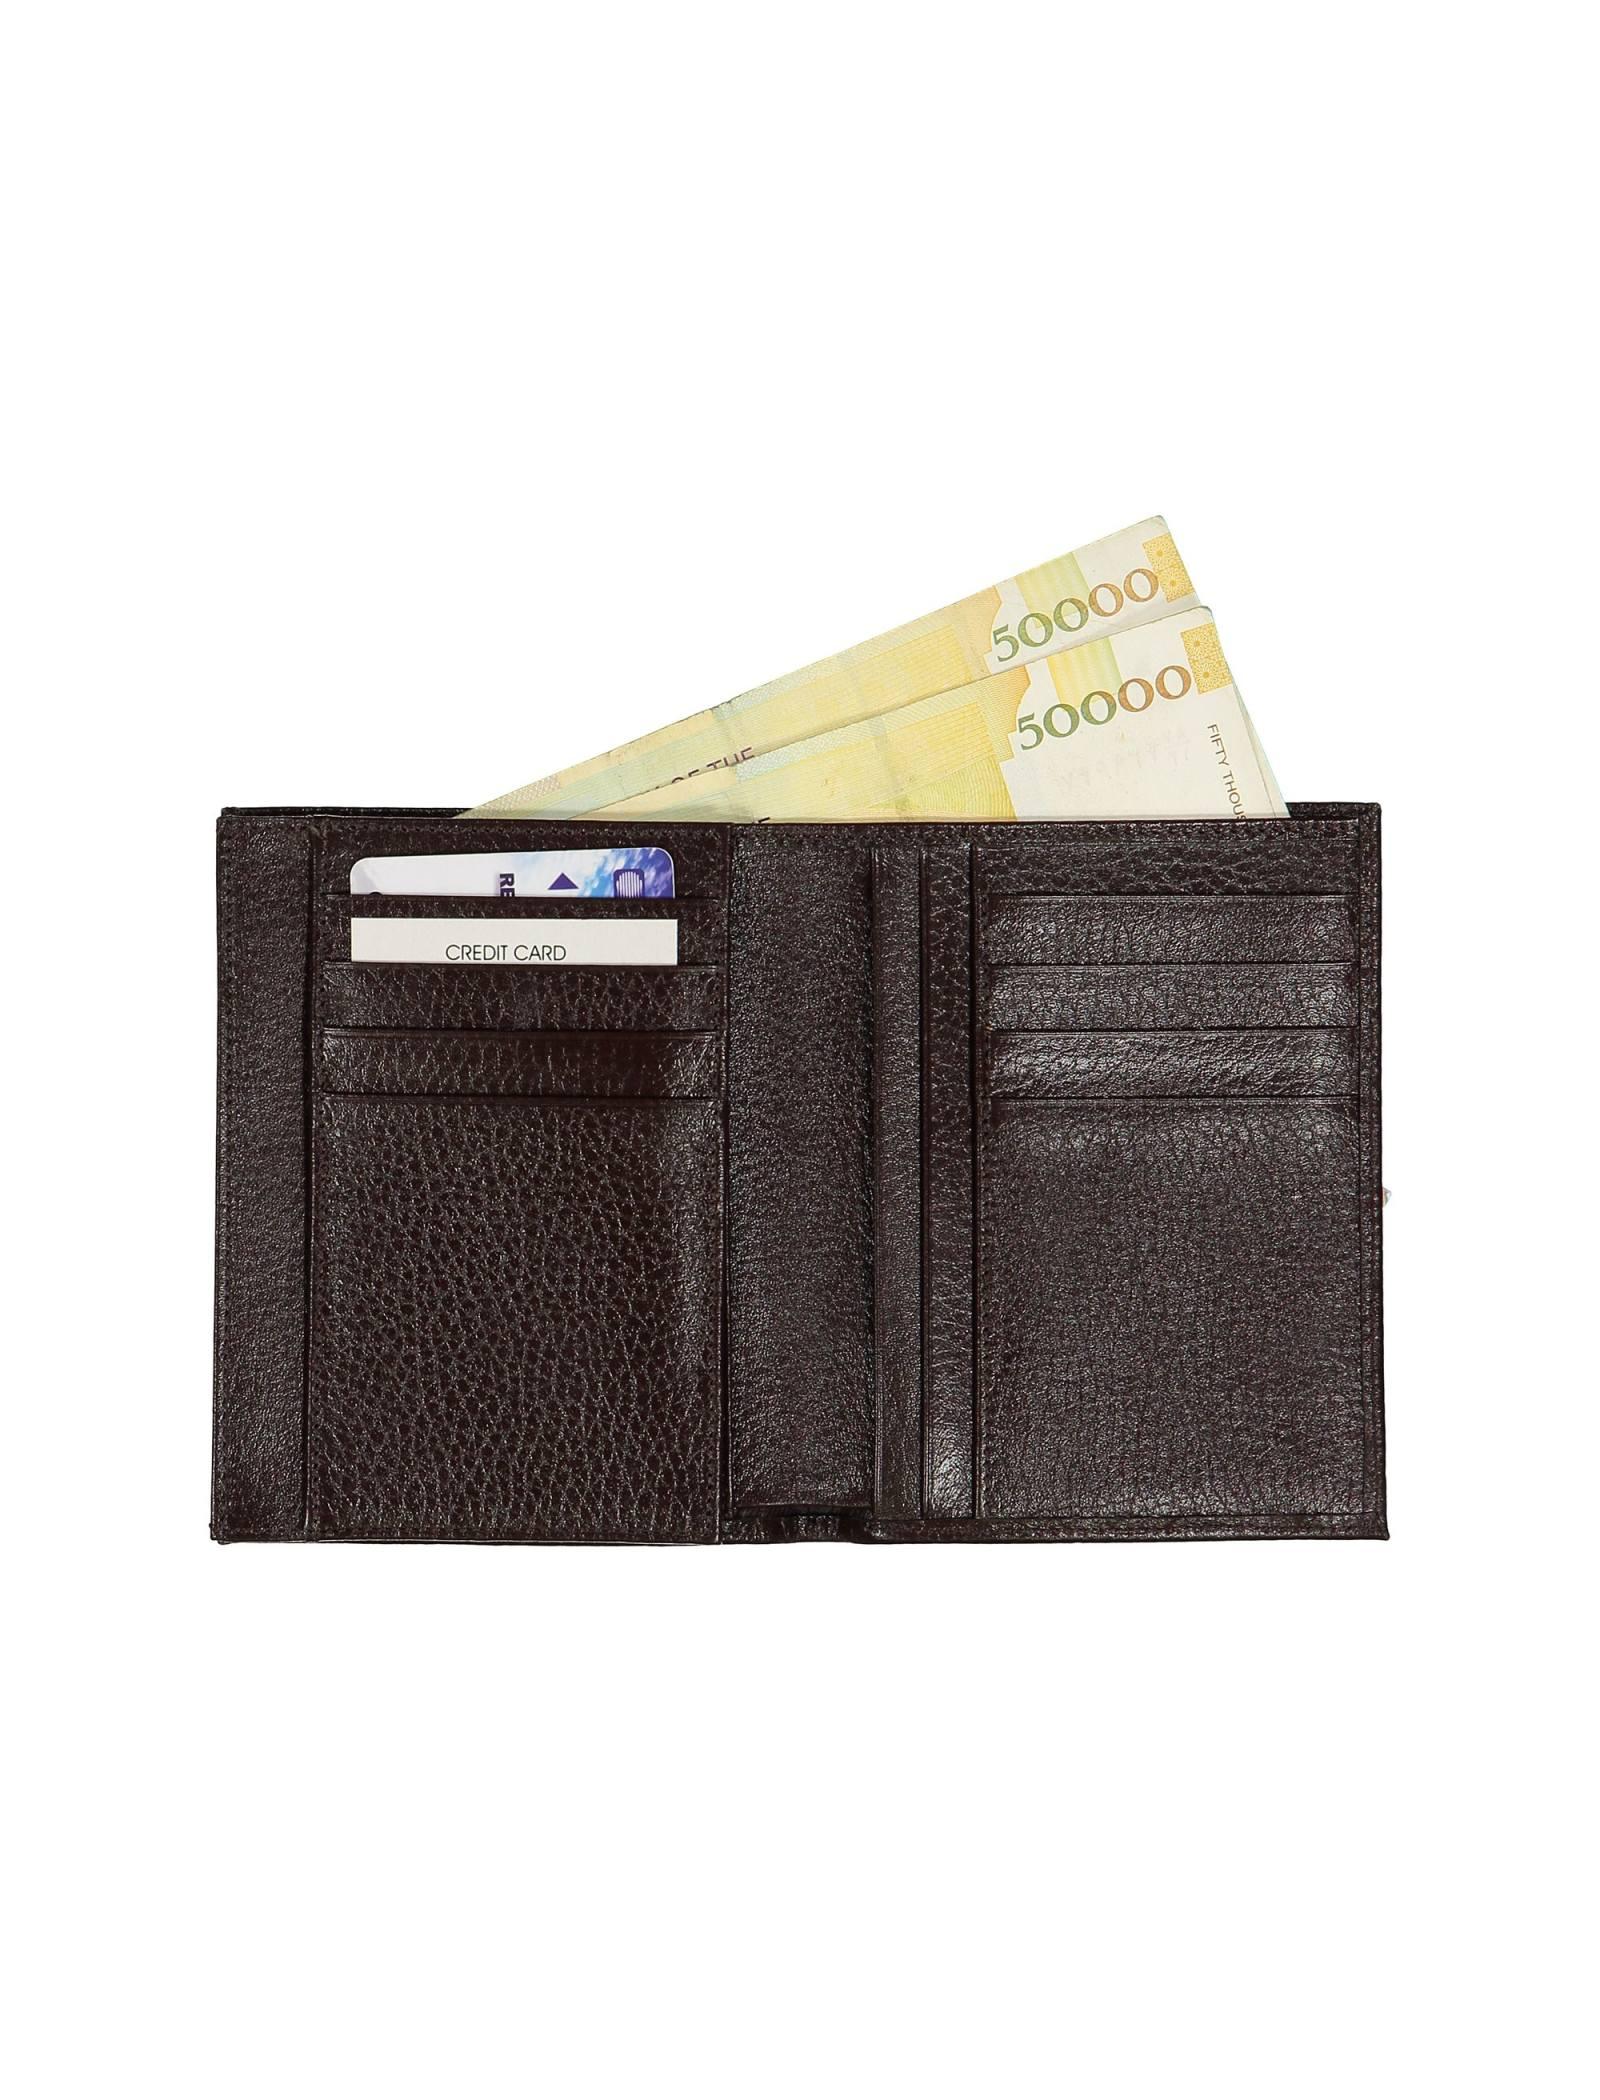 کیف پول چرم کتابی مردانه - چرم مشهد - قهوه اي - 5